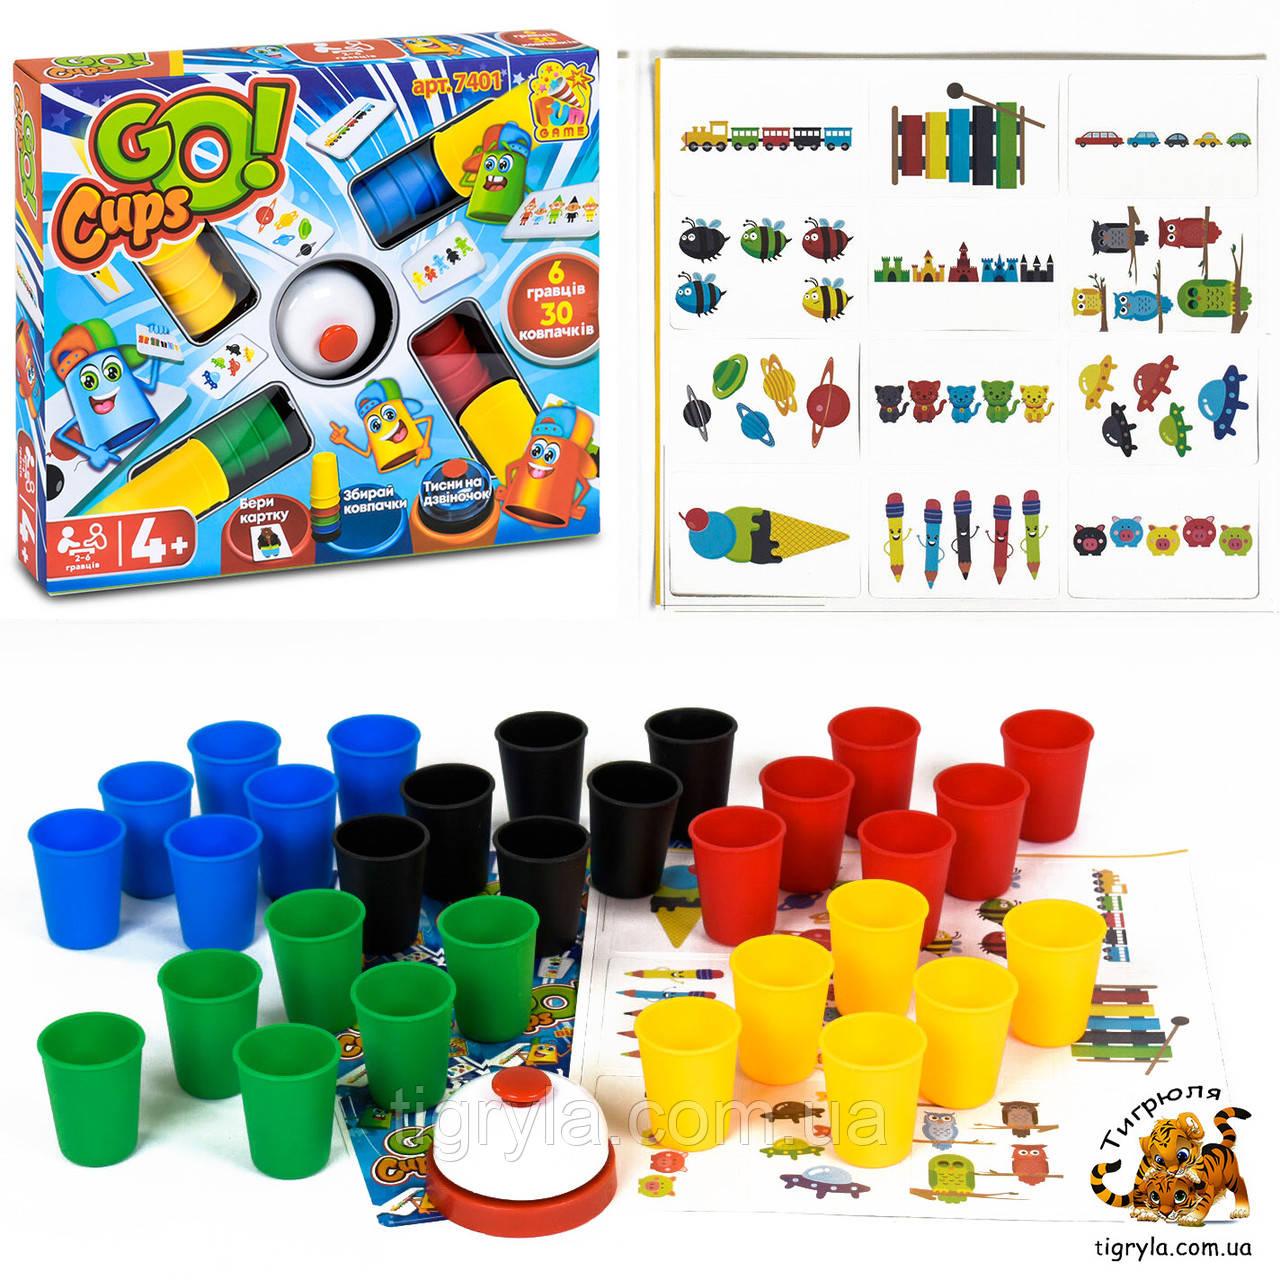 Настольная развлекательная игра на скорость реакции «Go Cups!» Скоростные колпачки